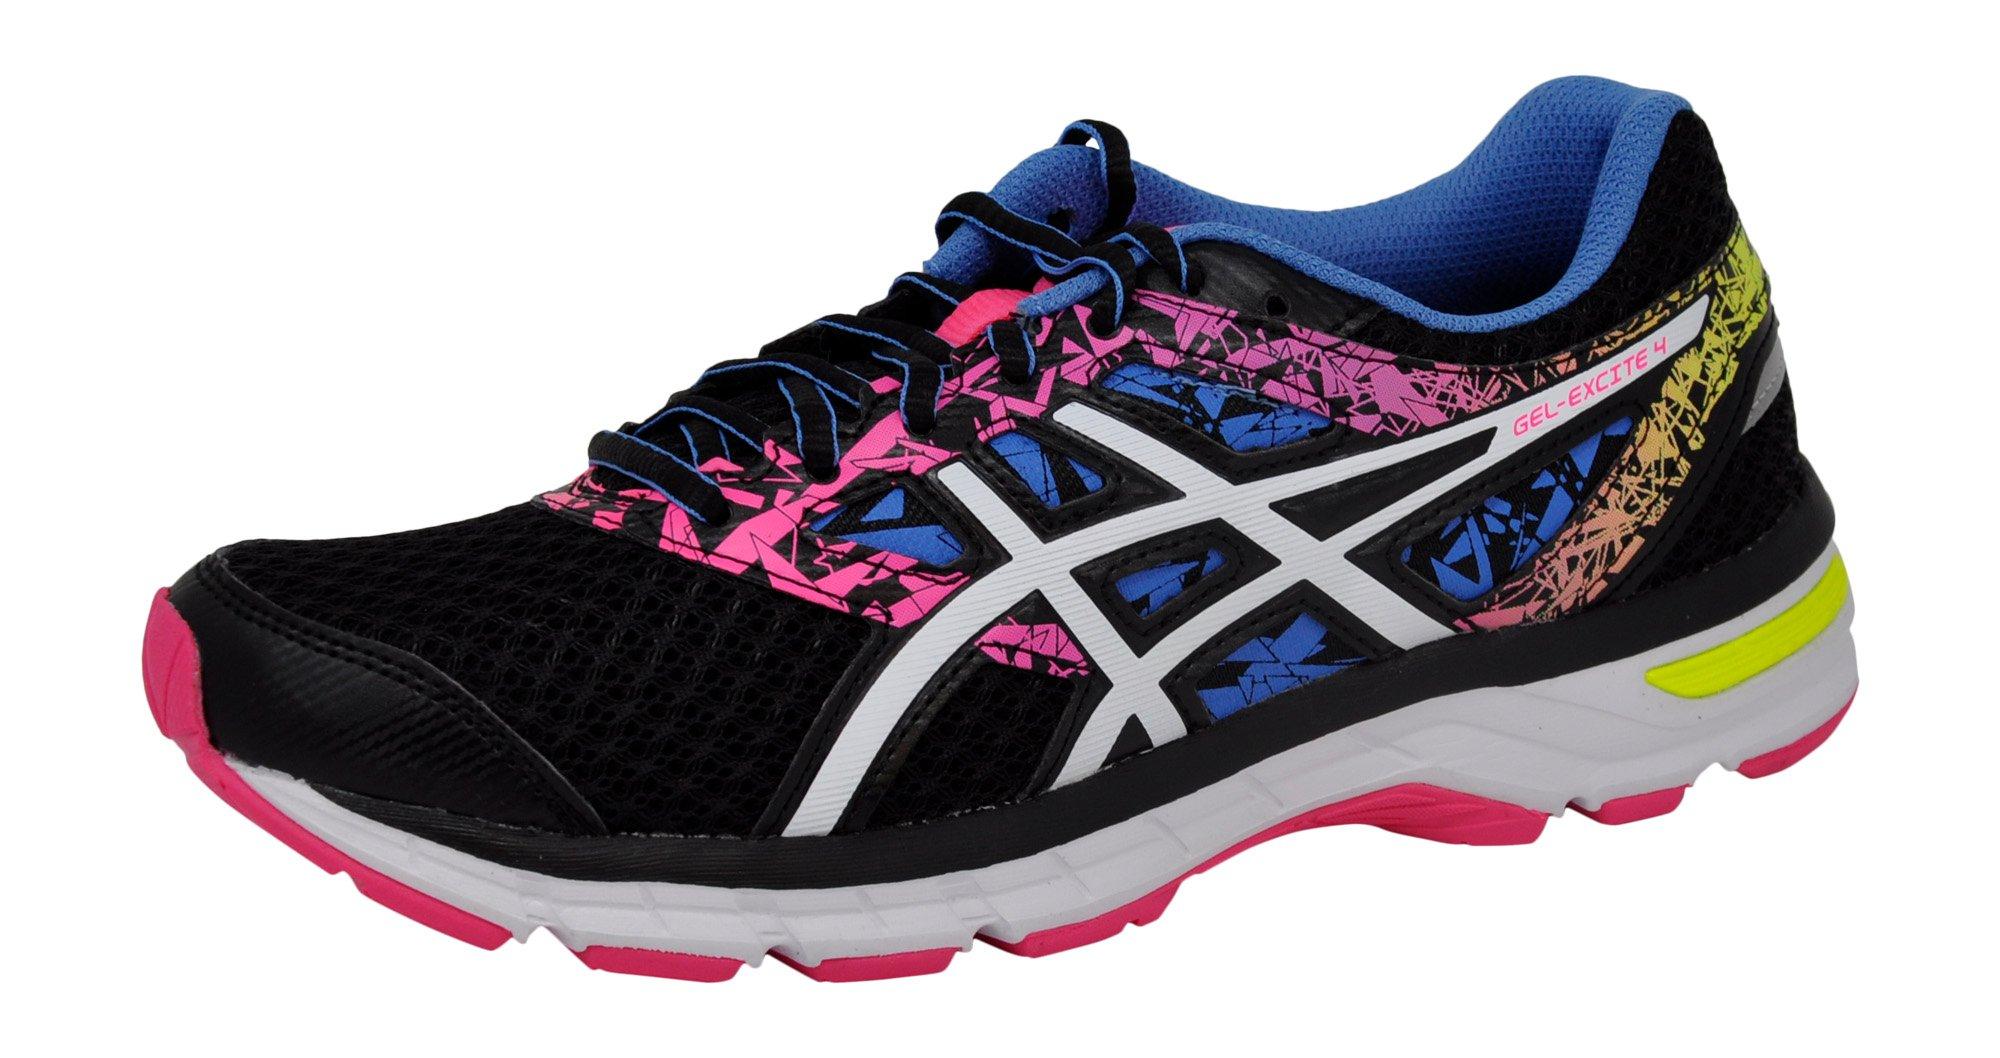 ASICS Women's Gel-Excite 4 Running Shoe (8.5 B(M) US, Black/White/Knockout Pink)